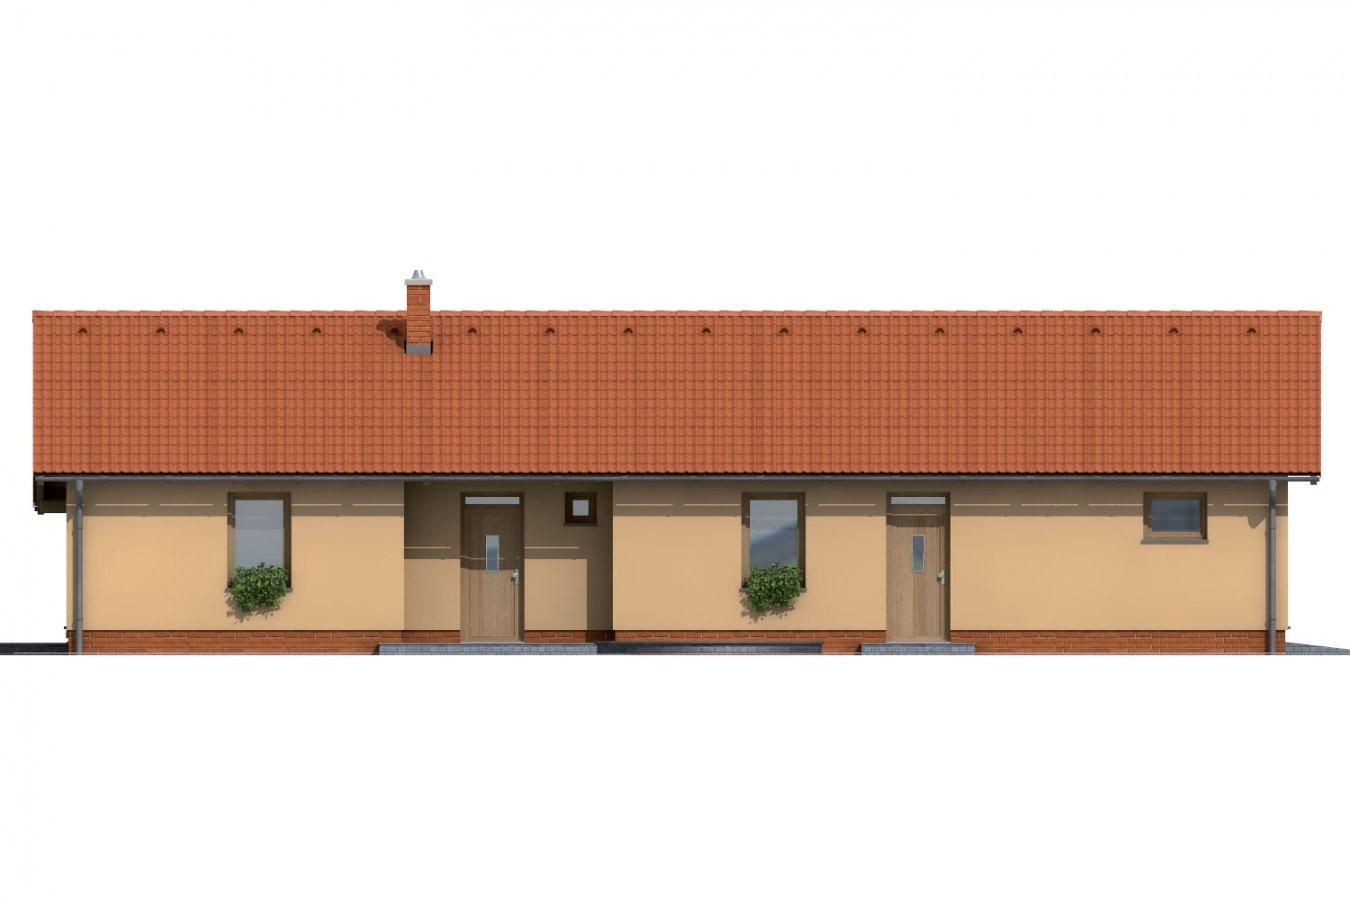 Pohľad 1. - Úzky rodinný dom s garážou.